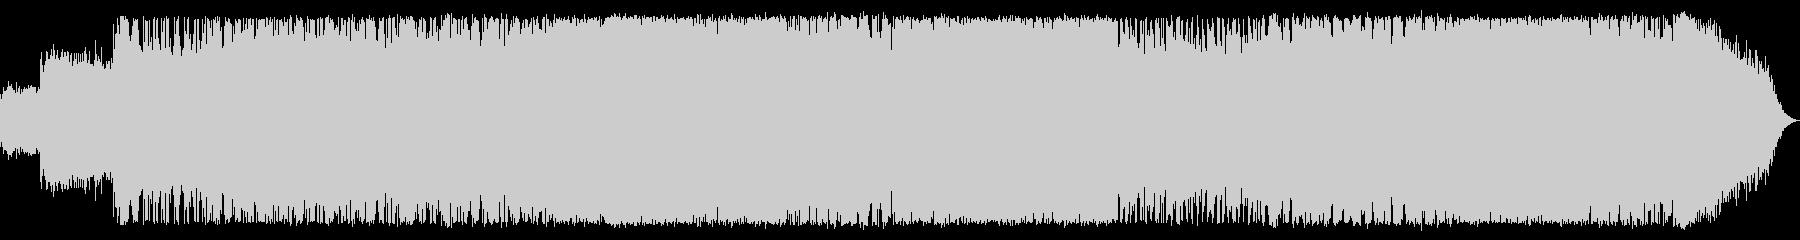 クール/車/サイケデリック/ロックの未再生の波形